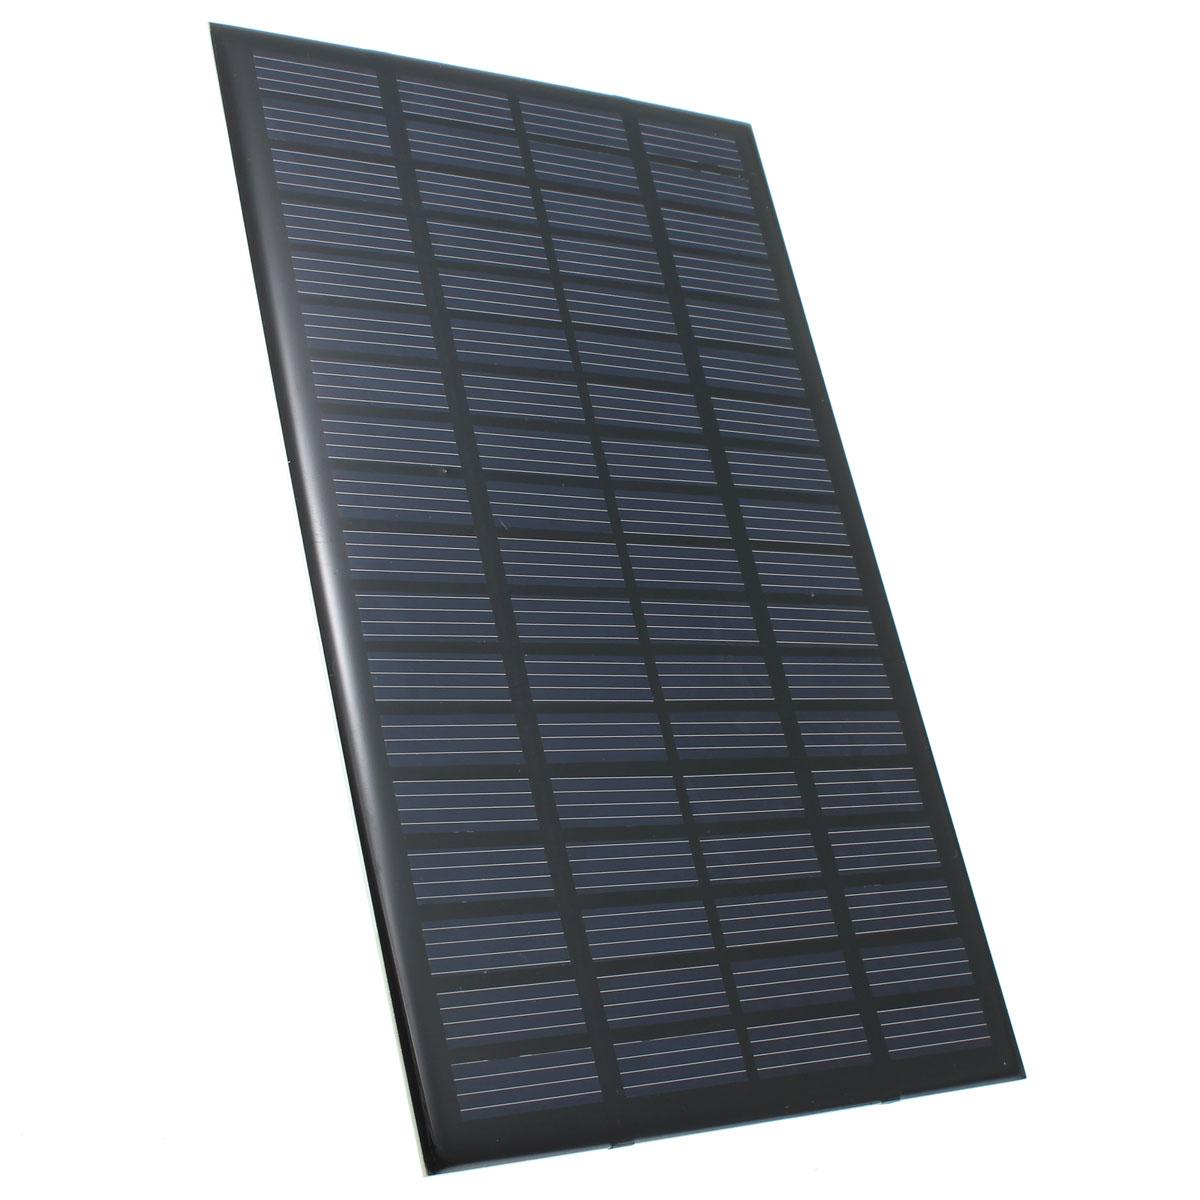 Pannello Solare Per Batteria Auto : V ma w solare pannello fotovoltaico per auto